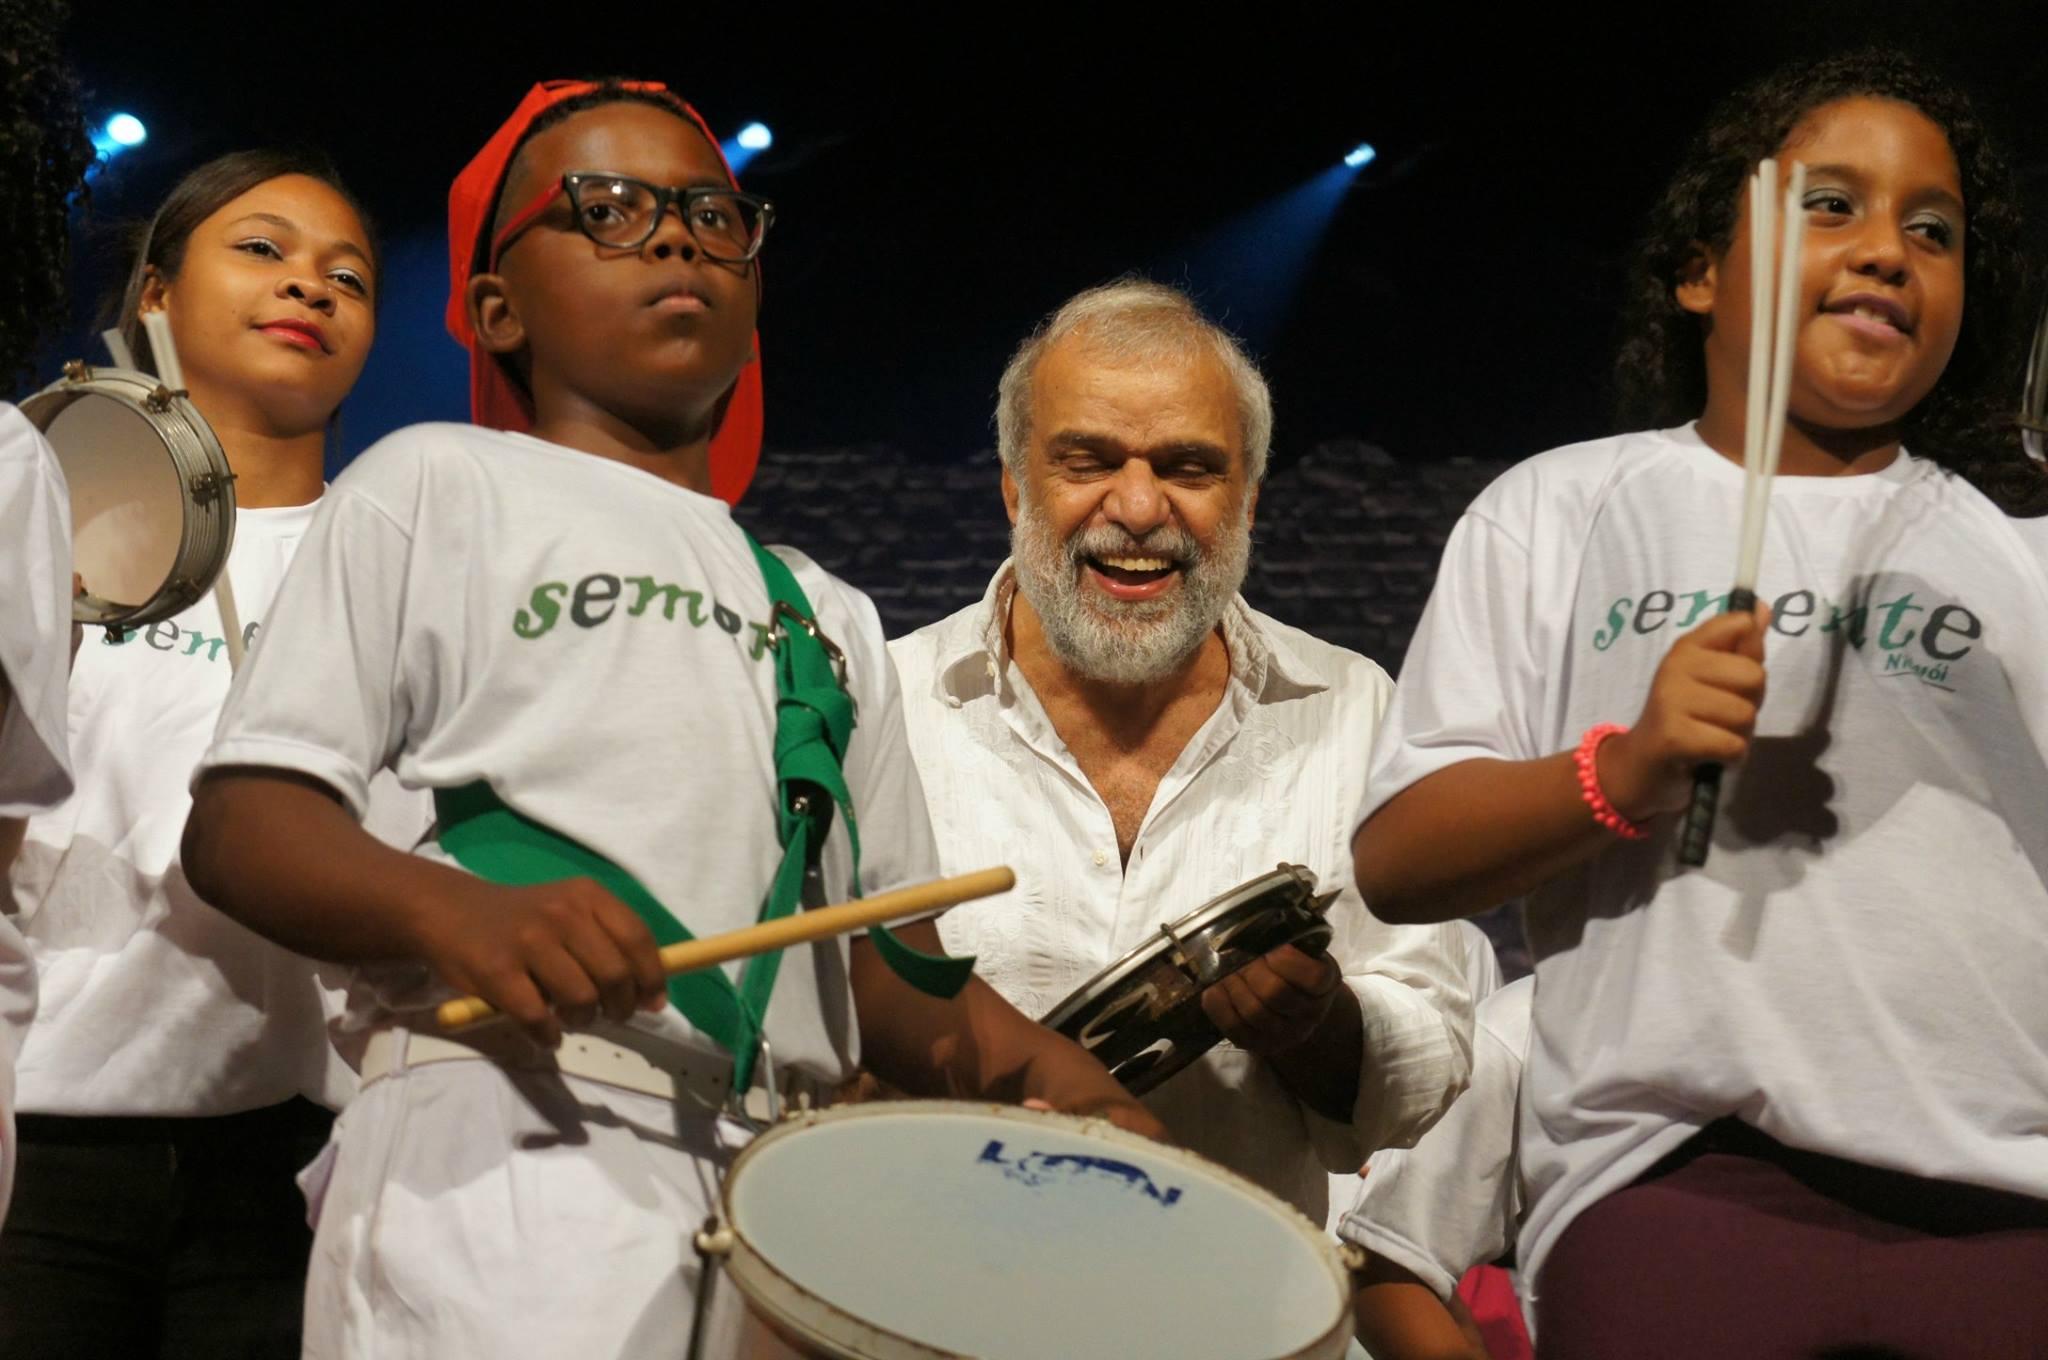 Caio do Repique leva a música à sério, e nunca sorri no palco Foto: Bernardo Costa / coisasdamusica